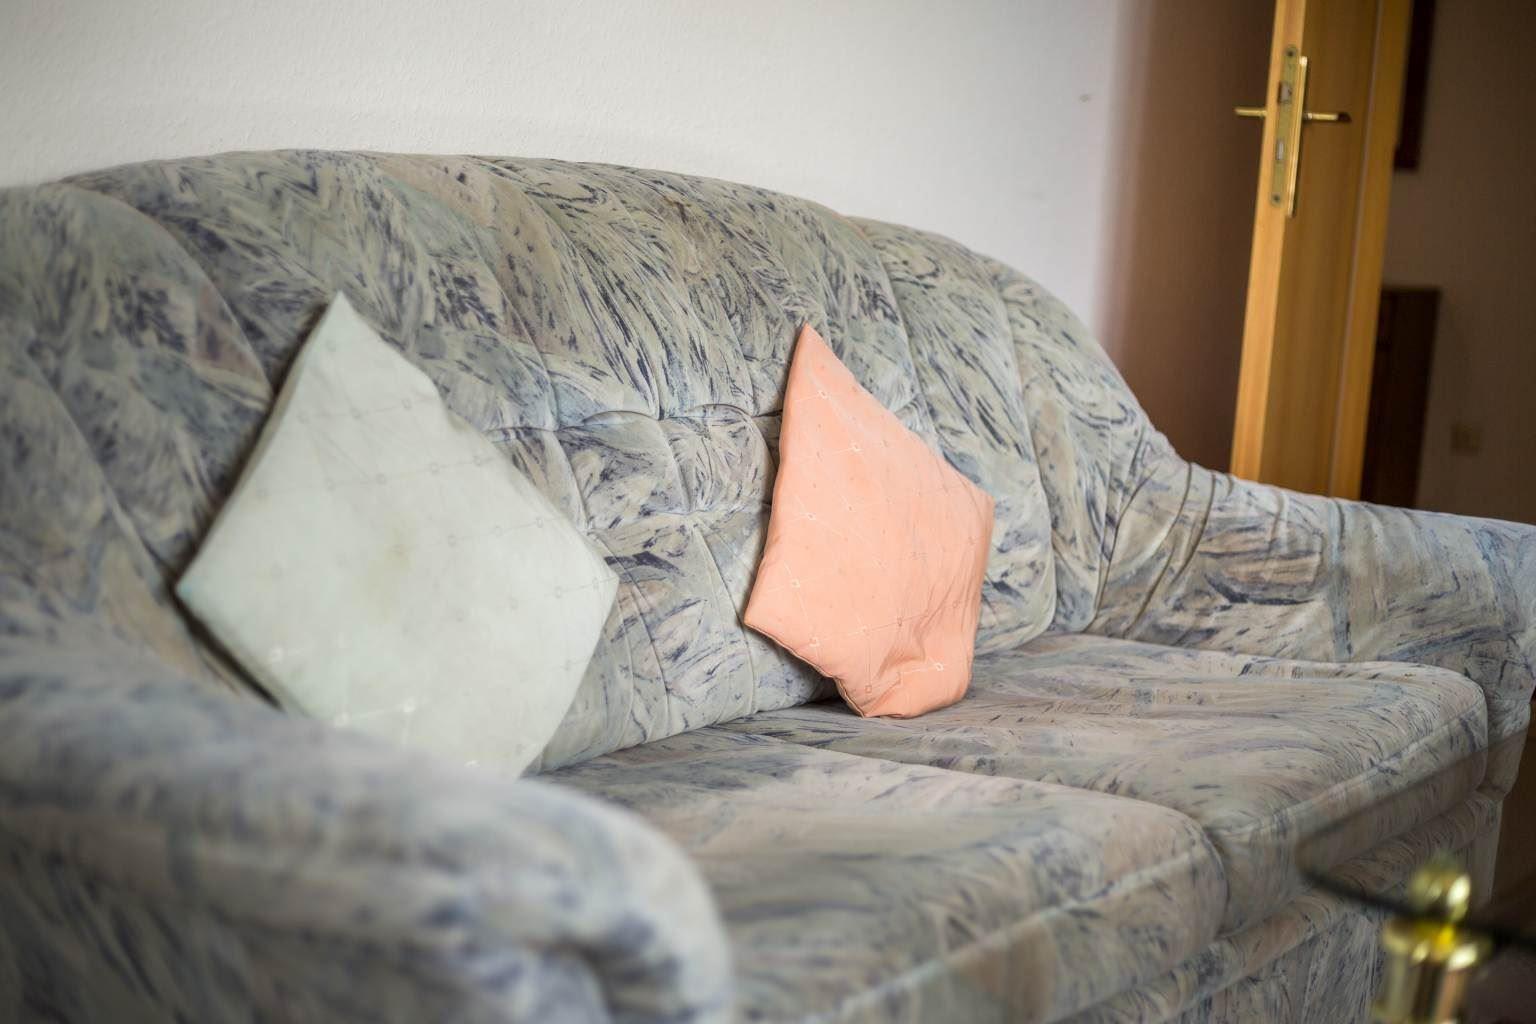 Wohnzimmerdetail